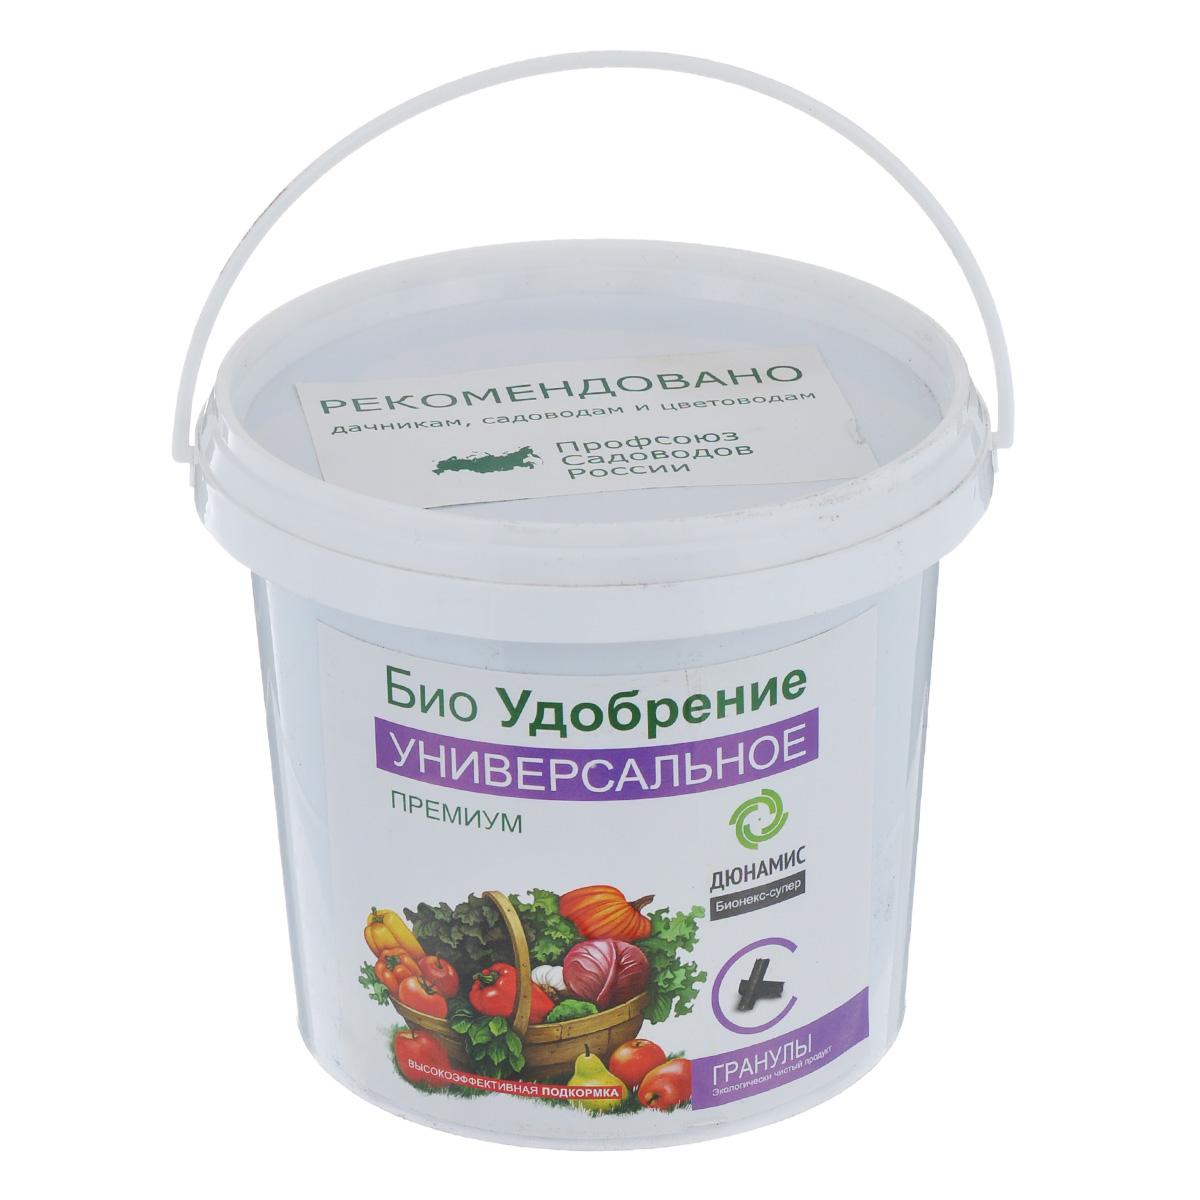 Био-удобрение Дюнамис Универсальное Премиум, в гранулах, 1 л0703-гУниверсальное био-удобрение Дюнамис - это гранулированное удобрение с веществами в хелатной форме. Обладает лёгким запахом. Способствует увеличению урожайности до 53% и улучшению вкусовых и качественных показателей плодов. Благодаря такому удобрению, повышается сопротивляемость к заболеваниям, также это эффективная помощь при дефиците питания и влаги. Универсальное био-удобрение Дюнамис обеспечивает обильное и длительное цветение, повышение силы растений.Варианты применения:- в лунку при посадке; - сухие корневые подкормки; - жидкие корневые подкормки. Состав: ферментированный навоз КРС, помет, биокатализатор. Объем: 1 л.Товар сертифицирован.